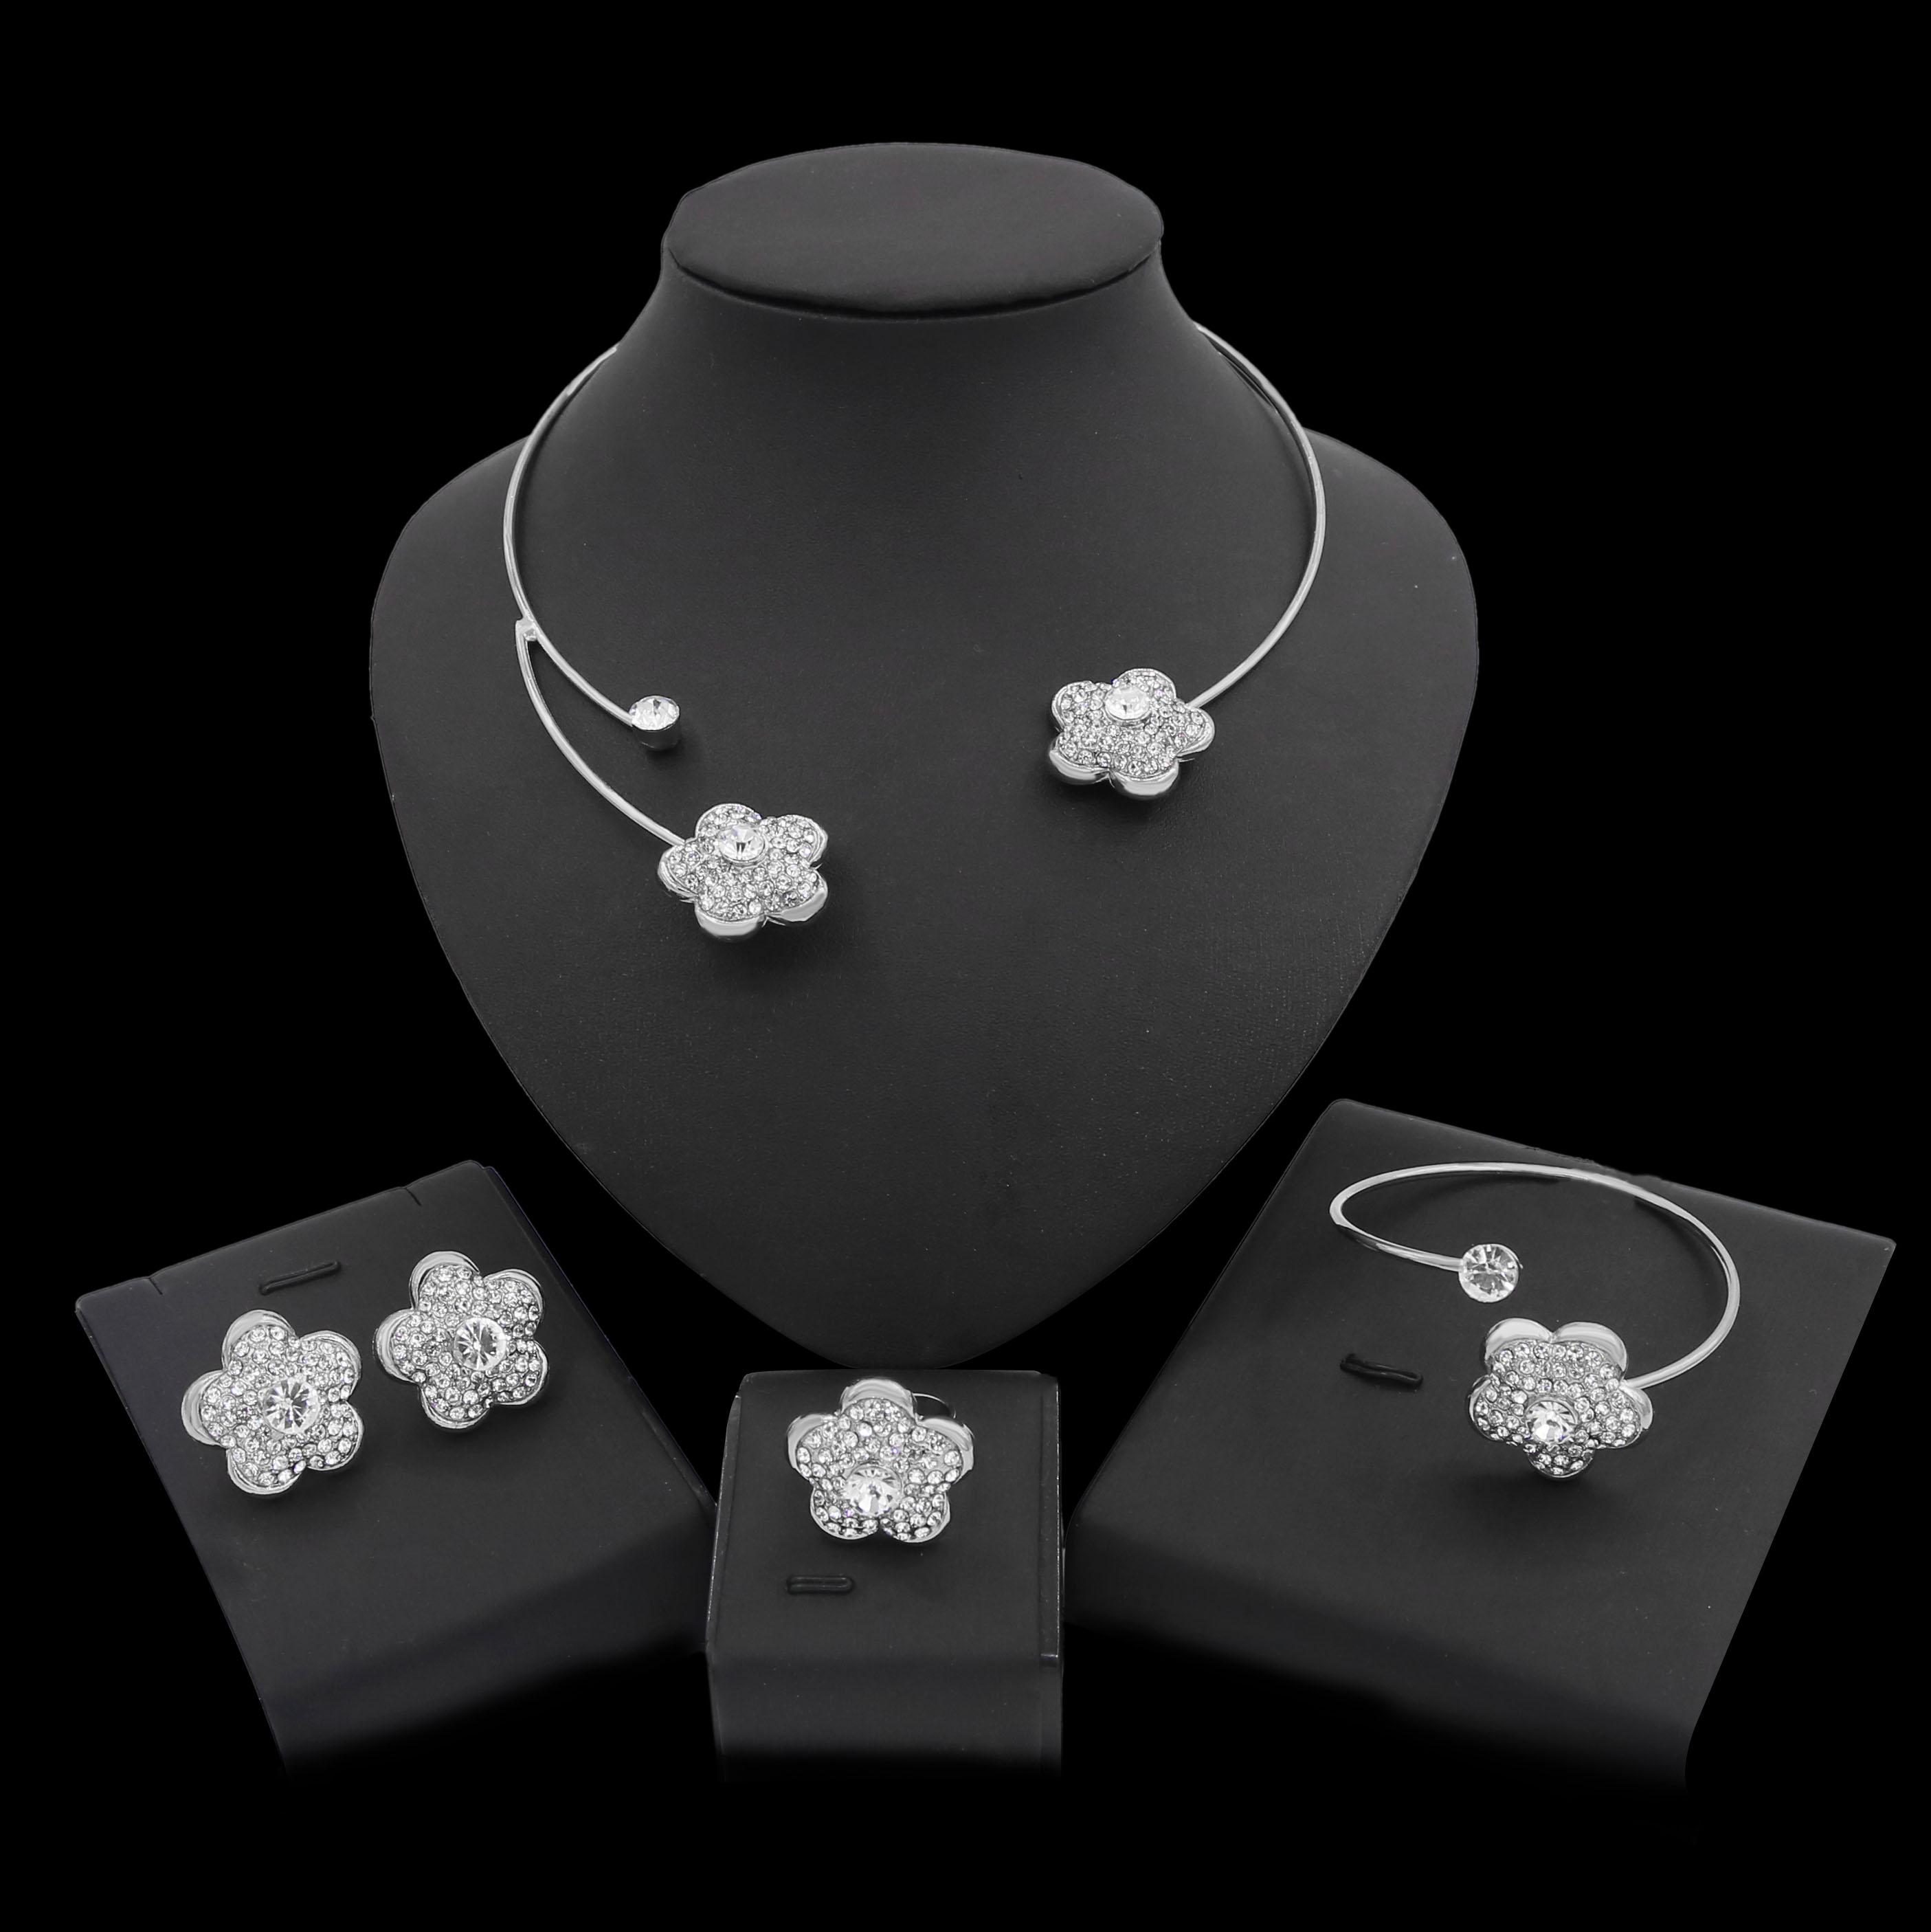 728ebedce965 Yulaili fabricante de joyas 2019 collar de cadena de oro de la joyería de  la pulsera